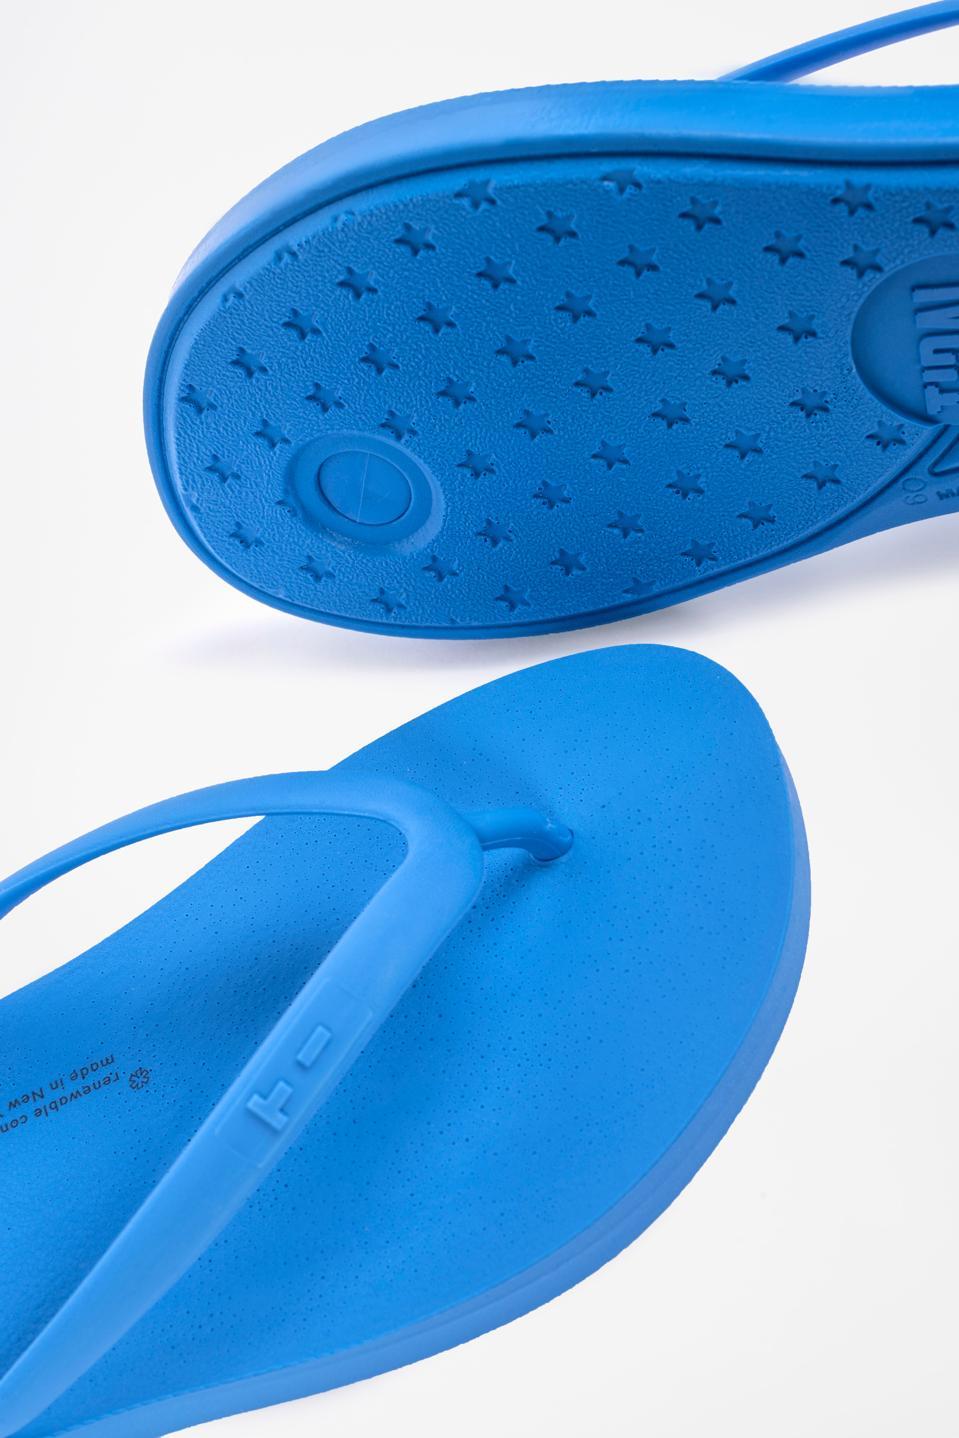 New GROW flip flops from TIDAL New York in Yves Blue.